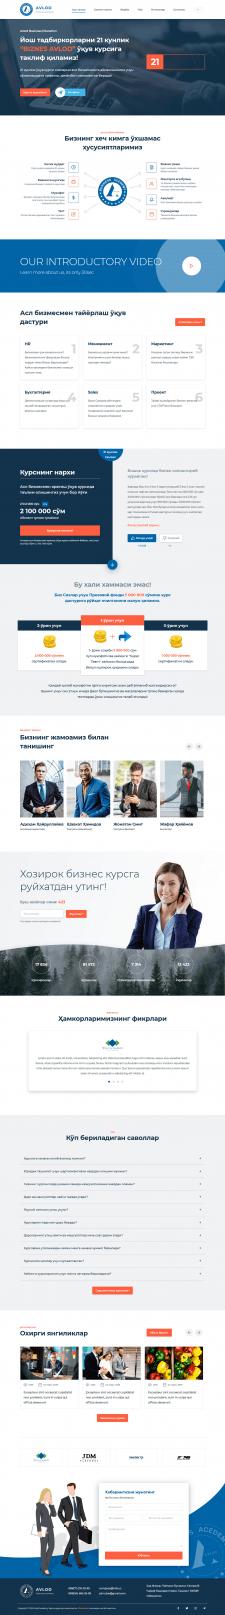 avlod business education